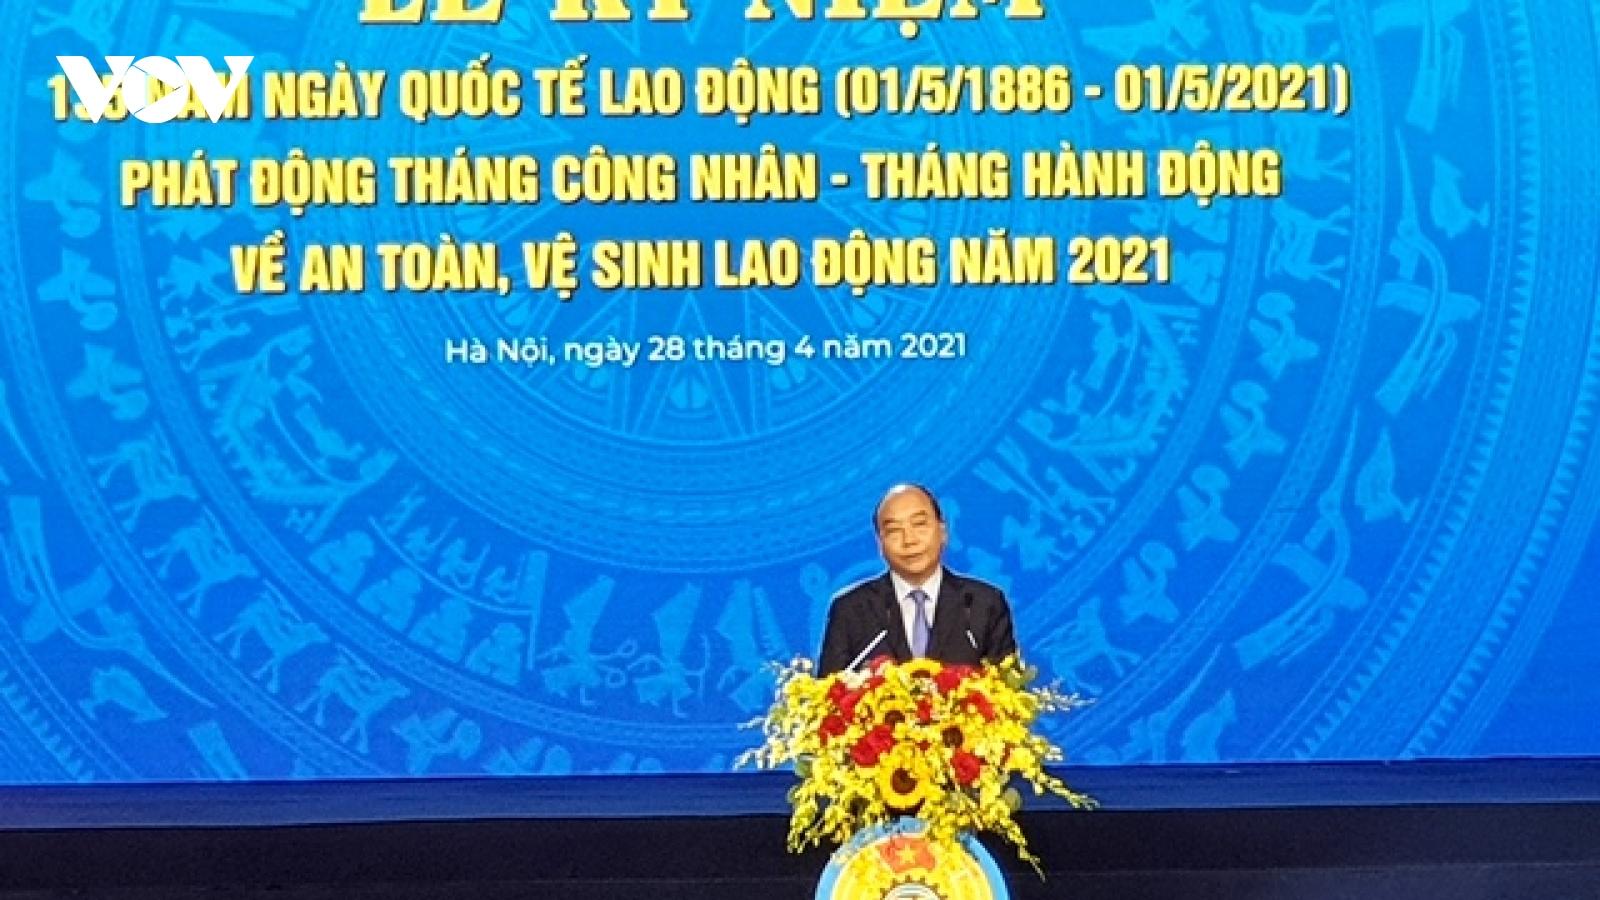 Chủ tịch nước Nguyễn Xuân Phúc dự kỷ niệm 135 năm Ngày Quốc tế Lao động